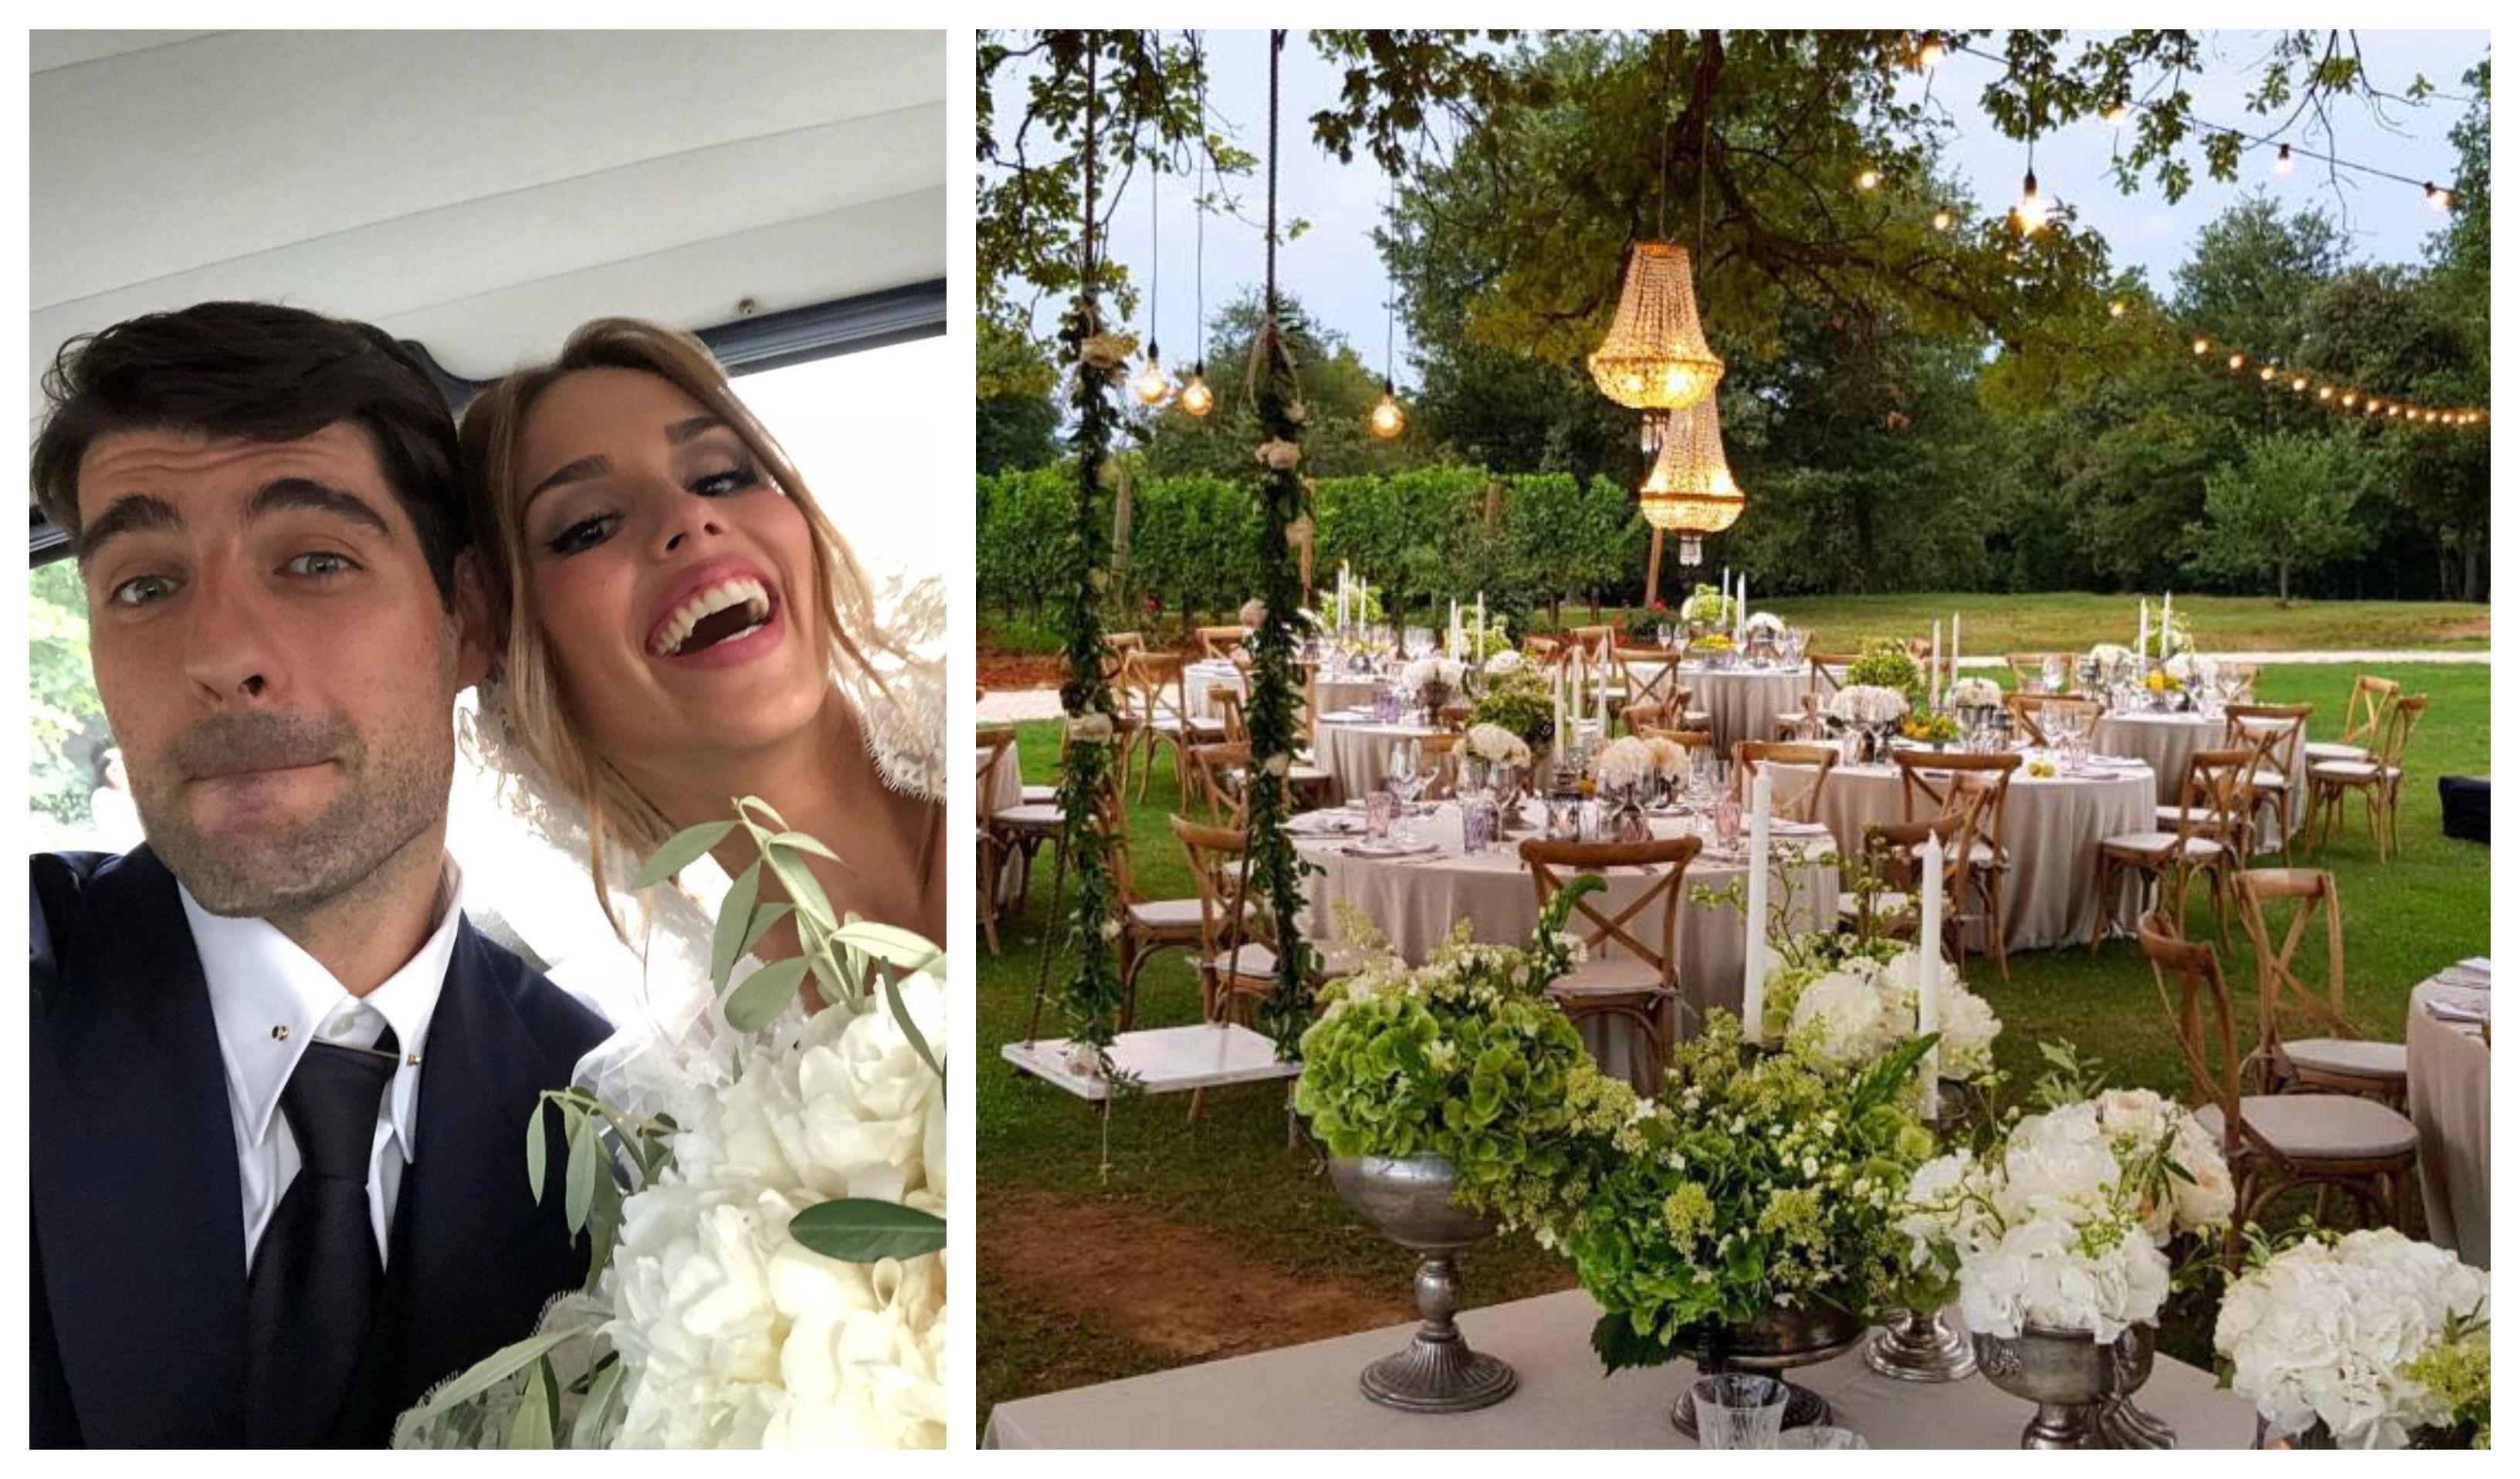 Organizator otkriva: Ruže za Frankino i Ćorlukino vjenčanje naručene su još prije godinu dana